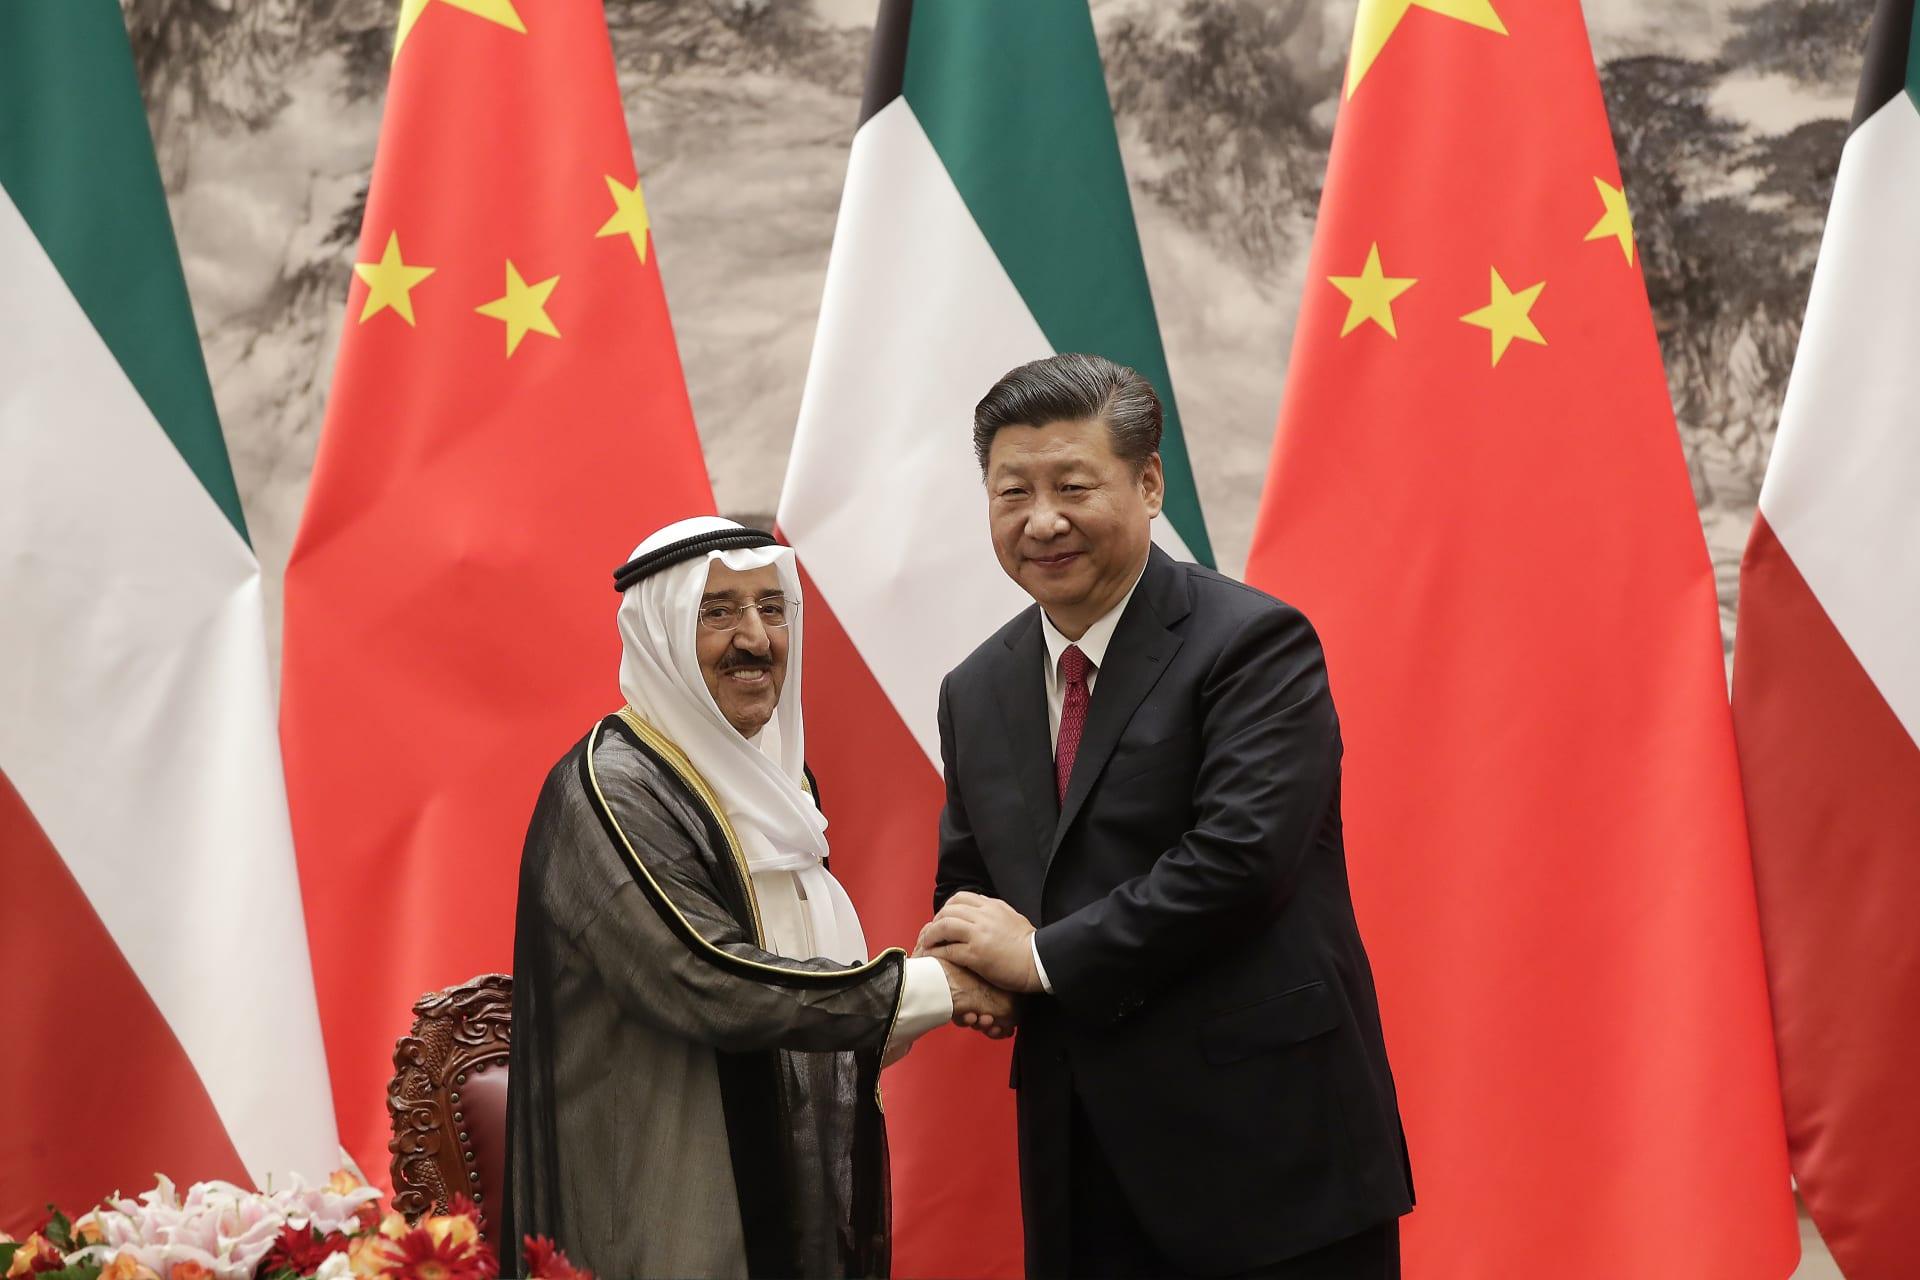 """ضمن 7 اتفاقيات مع الصين.. مذكرة تفاهم بين الكويت و""""هواوي"""" لإنشاء مدن ذكية"""